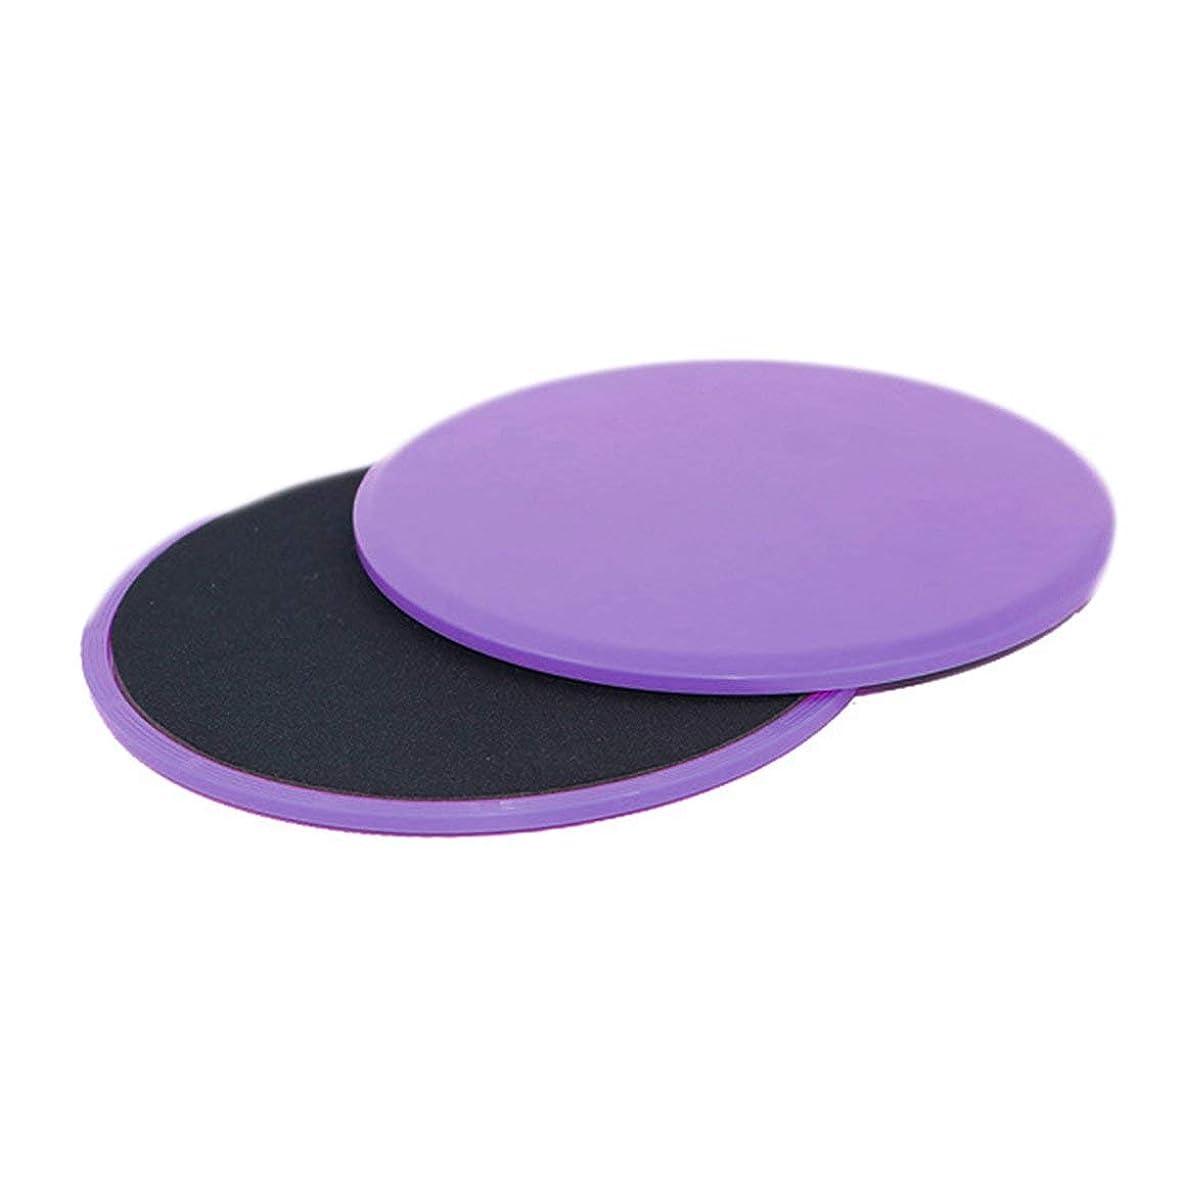 フォアマン適用する統治可能フィットネススライドグライディングディスク調整能力フィットネスエクササイズスライダーコアトレーニング腹部と全身トレーニング - パープル